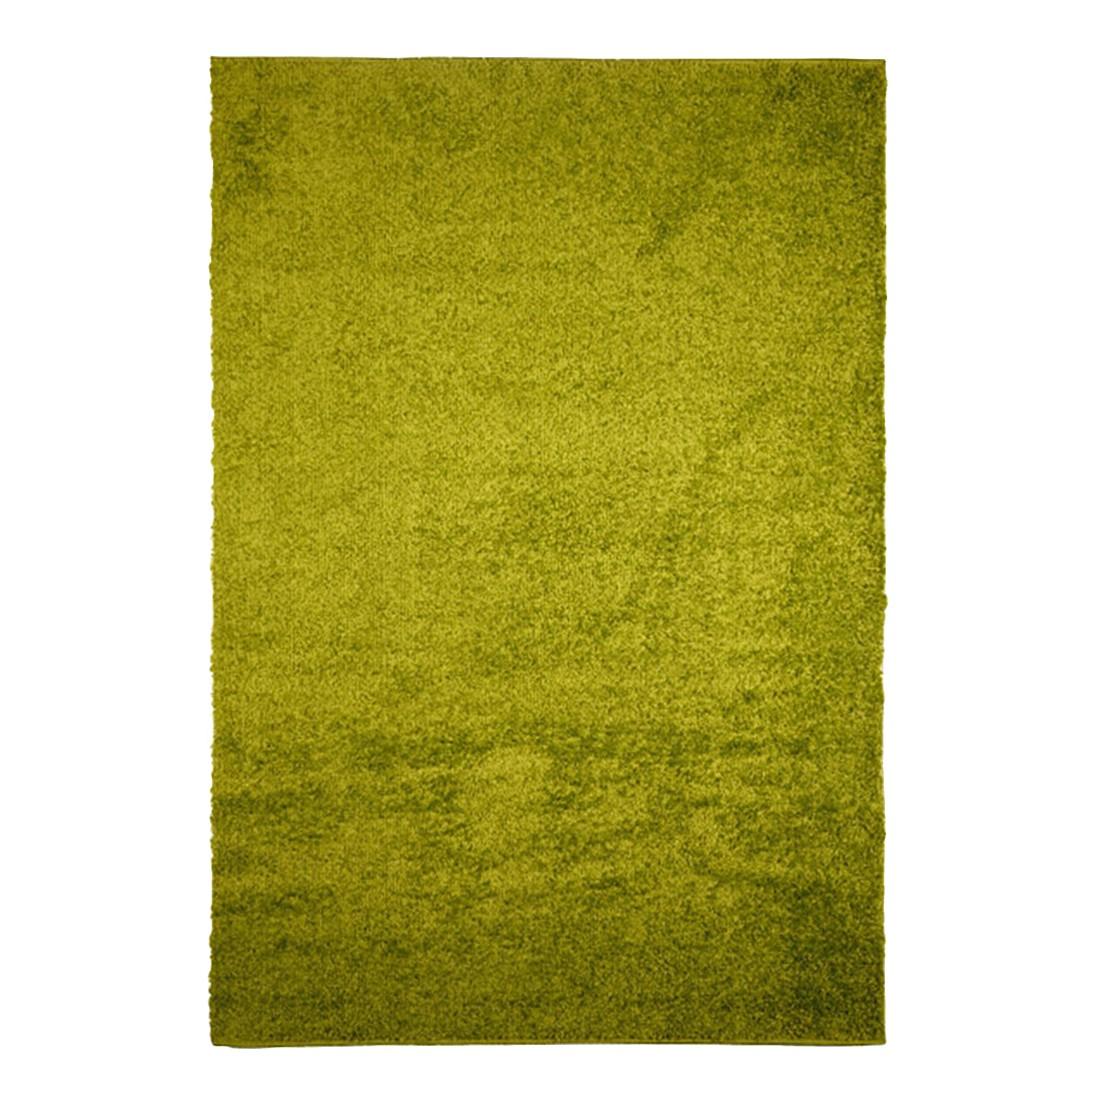 Teppich Primo 2020 – Gruen – 290 x 200 cm, KC-Handel kaufen